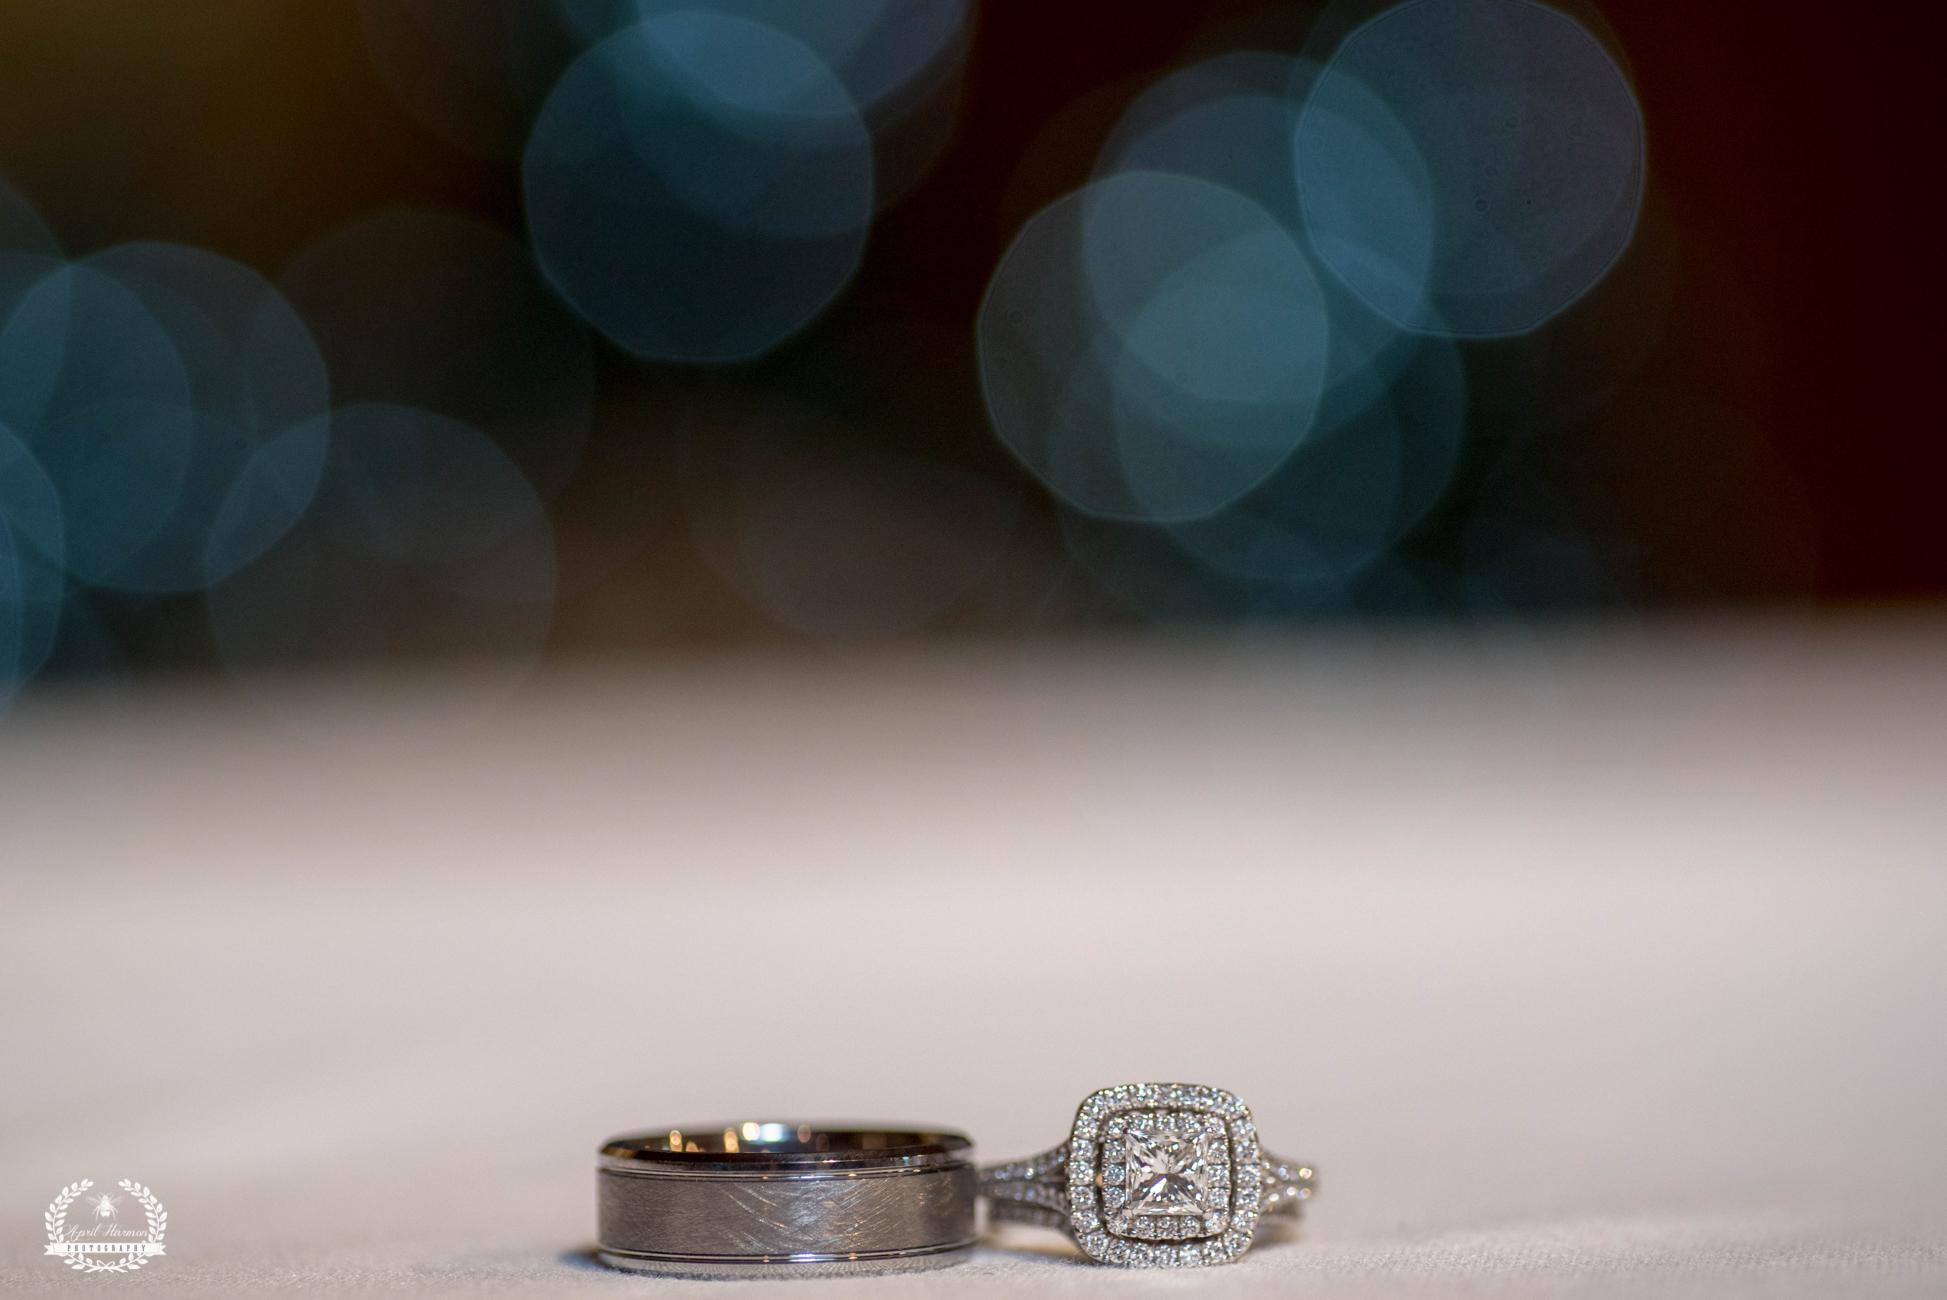 southwest-kansas-wedding-photography4.jpg